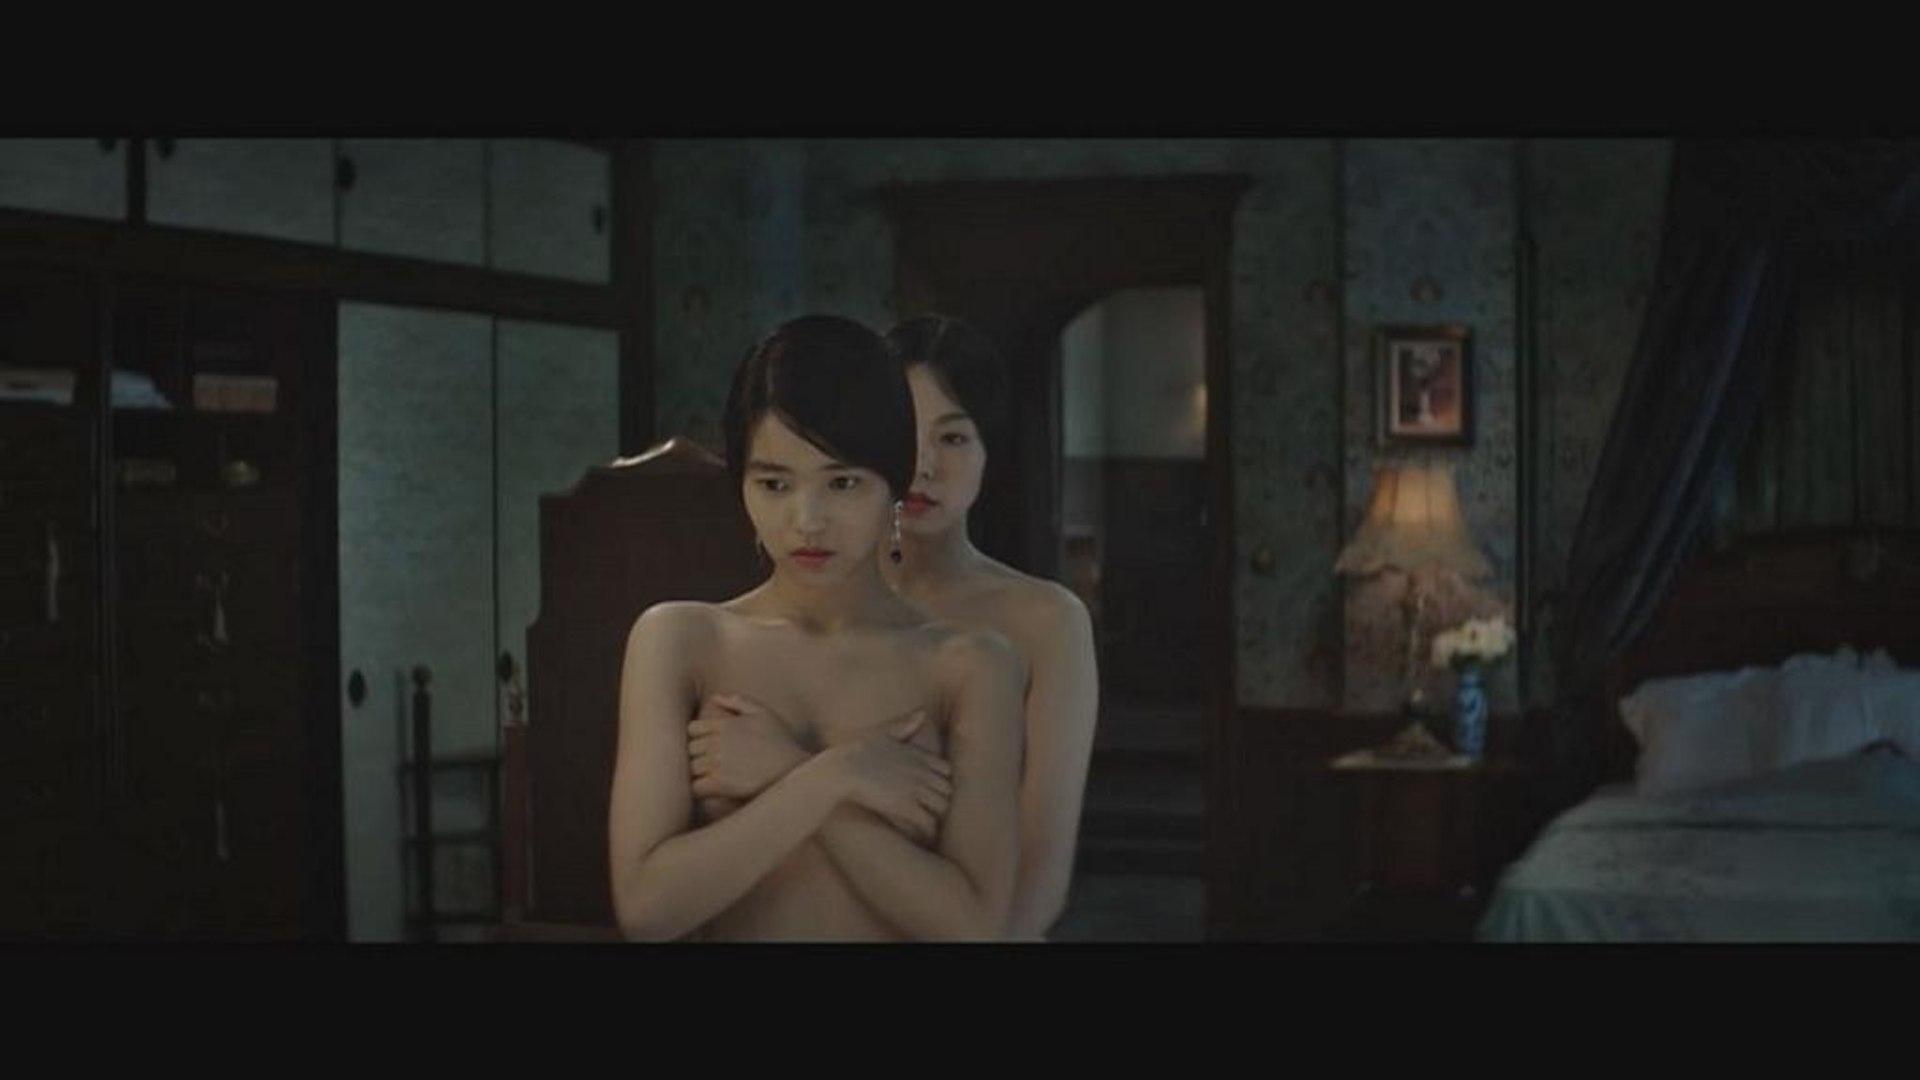 فیلم سینمایی «کنیز»، آخرین اثر پارک چان ووک، کارگردان تحسین شده کره ای